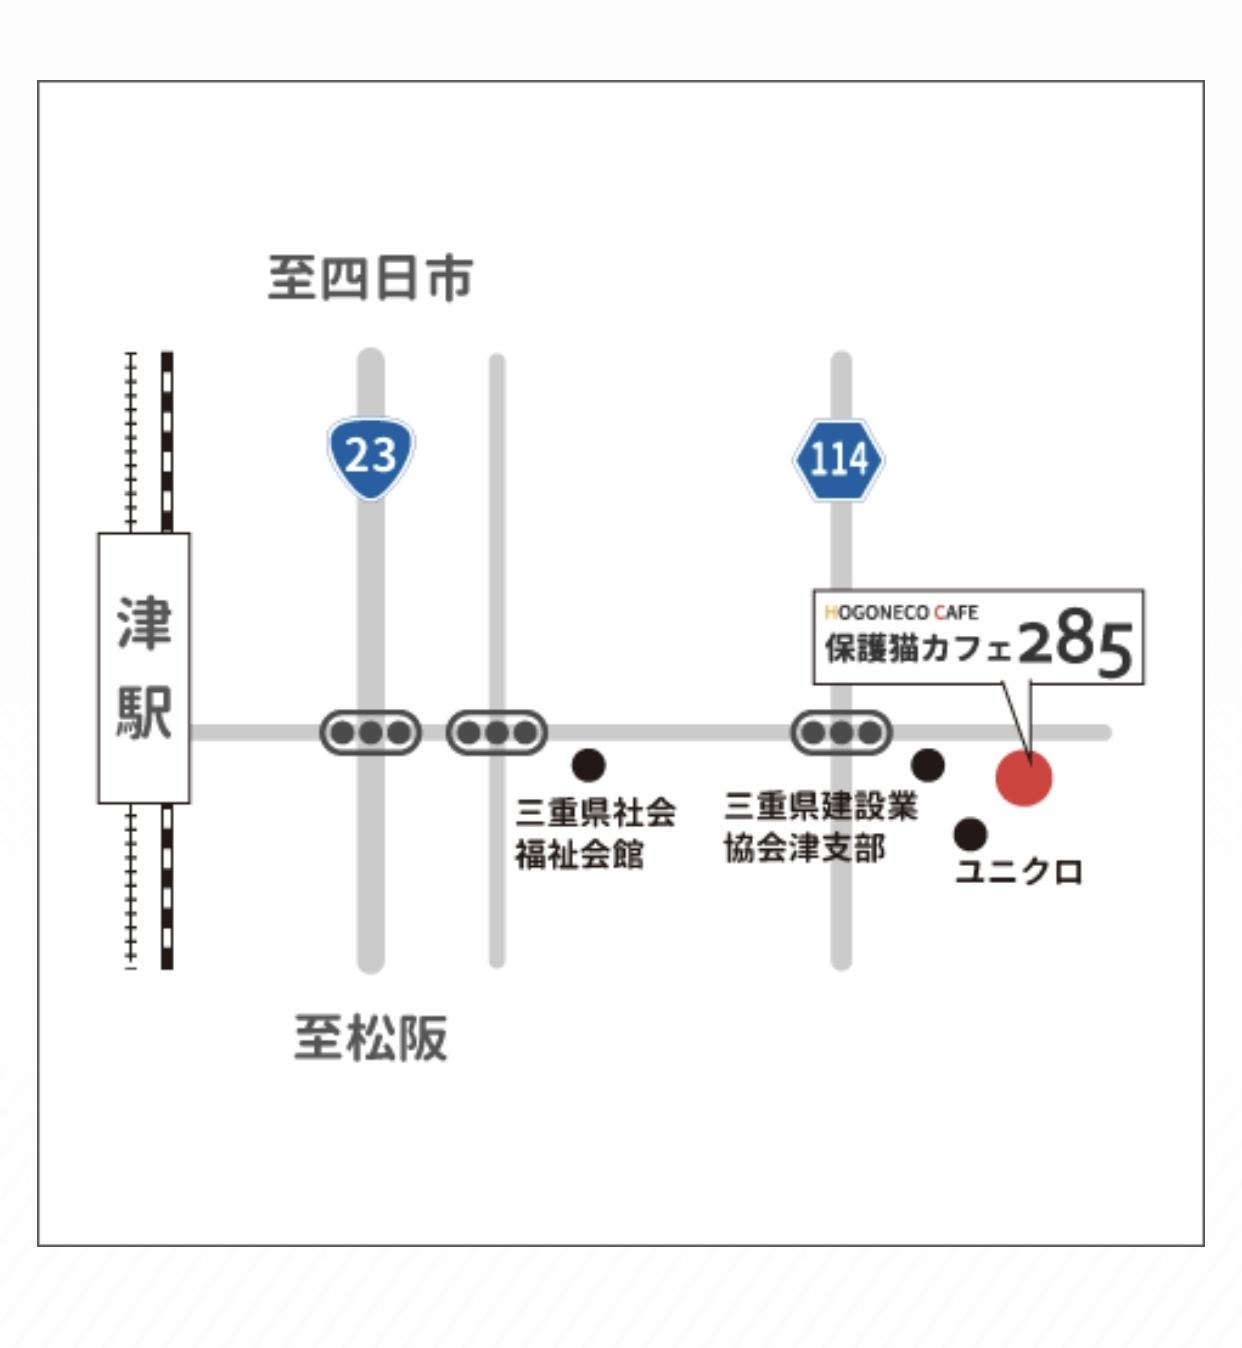 285春のねこ祭りに参加します &  会津ブランド館@会津若松さんに納品しました_a0137727_12253770.jpeg